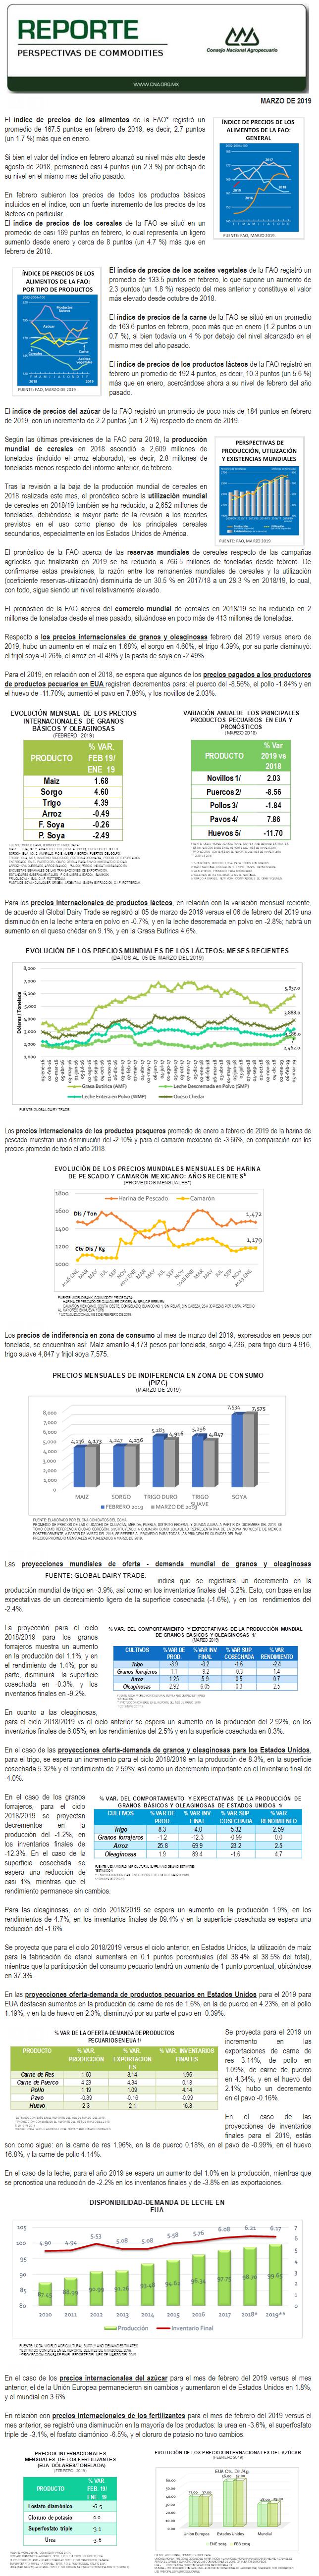 REPORTE DE PERSPECTIVAS DE COMMODITES DEL MES DE MARZO DEL 2019